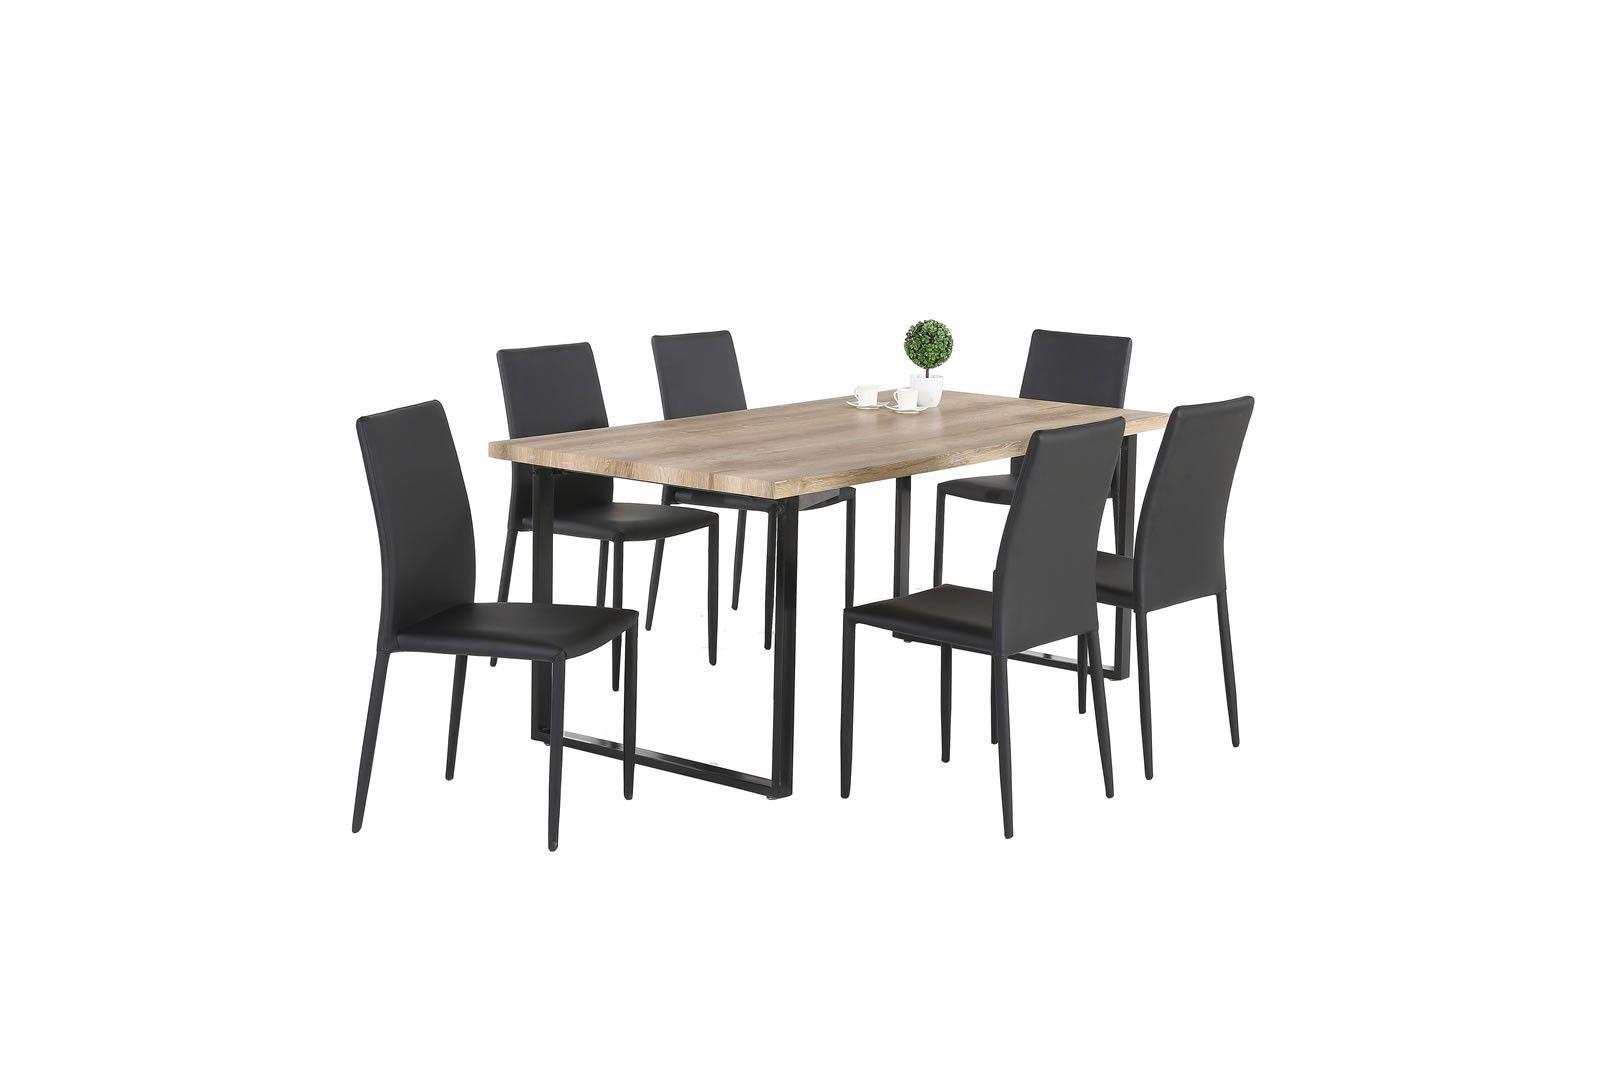 tables de cuisine table style industriel pied en acier noir diva 180 cm trocity. Black Bedroom Furniture Sets. Home Design Ideas